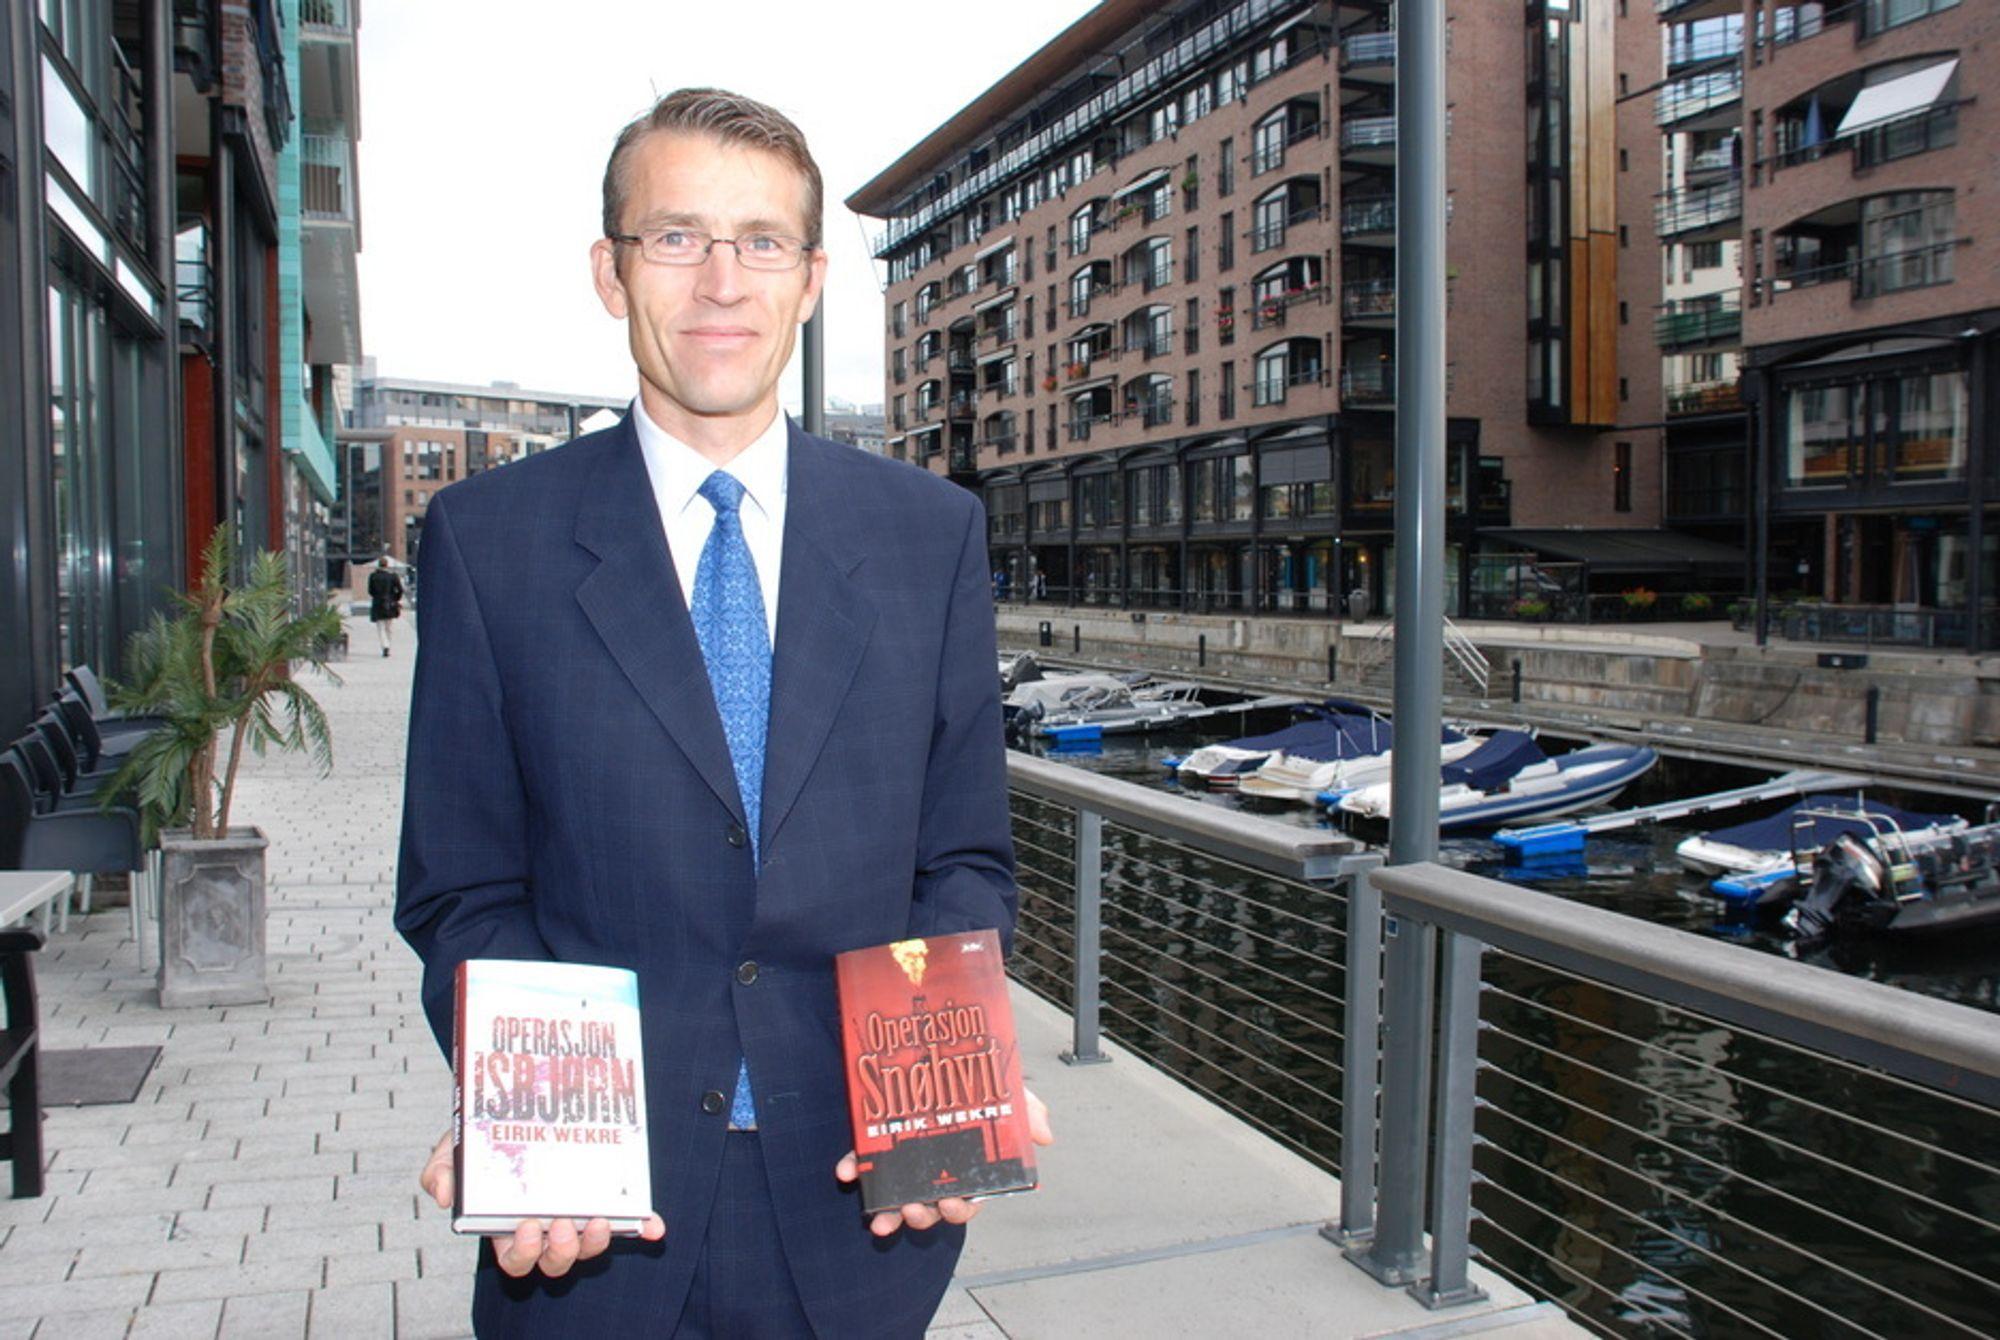 THRILLER: Økonomen Eirik Wekre kommer i høst med sin andre thriller hvor det oljerike Norge stilles overfor nye utfordringer. Til daglig jobber han her på Aker brygge.